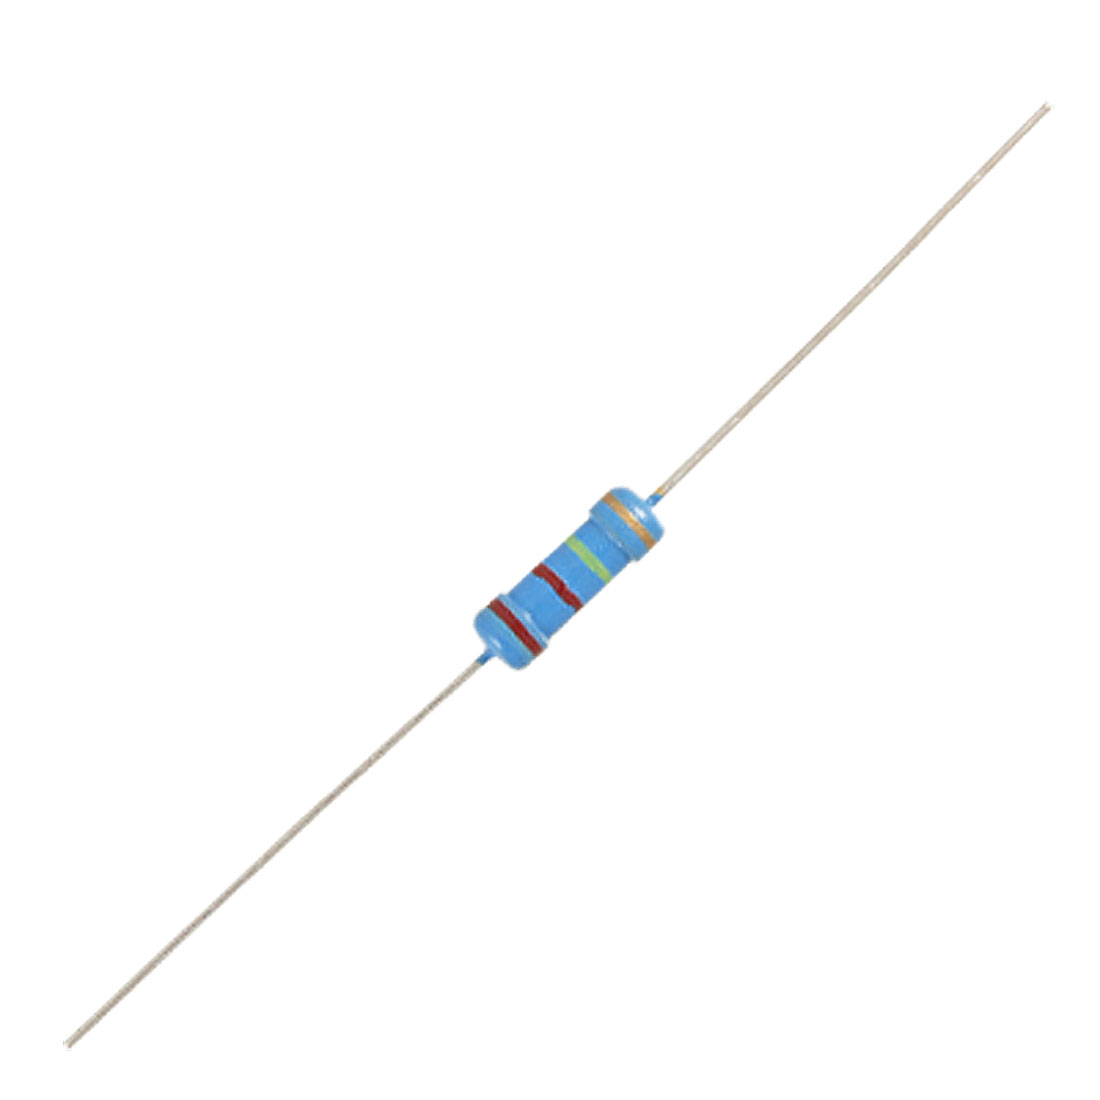 130 Pcs 1/2W Watt 220K Ohm 5% Axial Metal Film Resistor